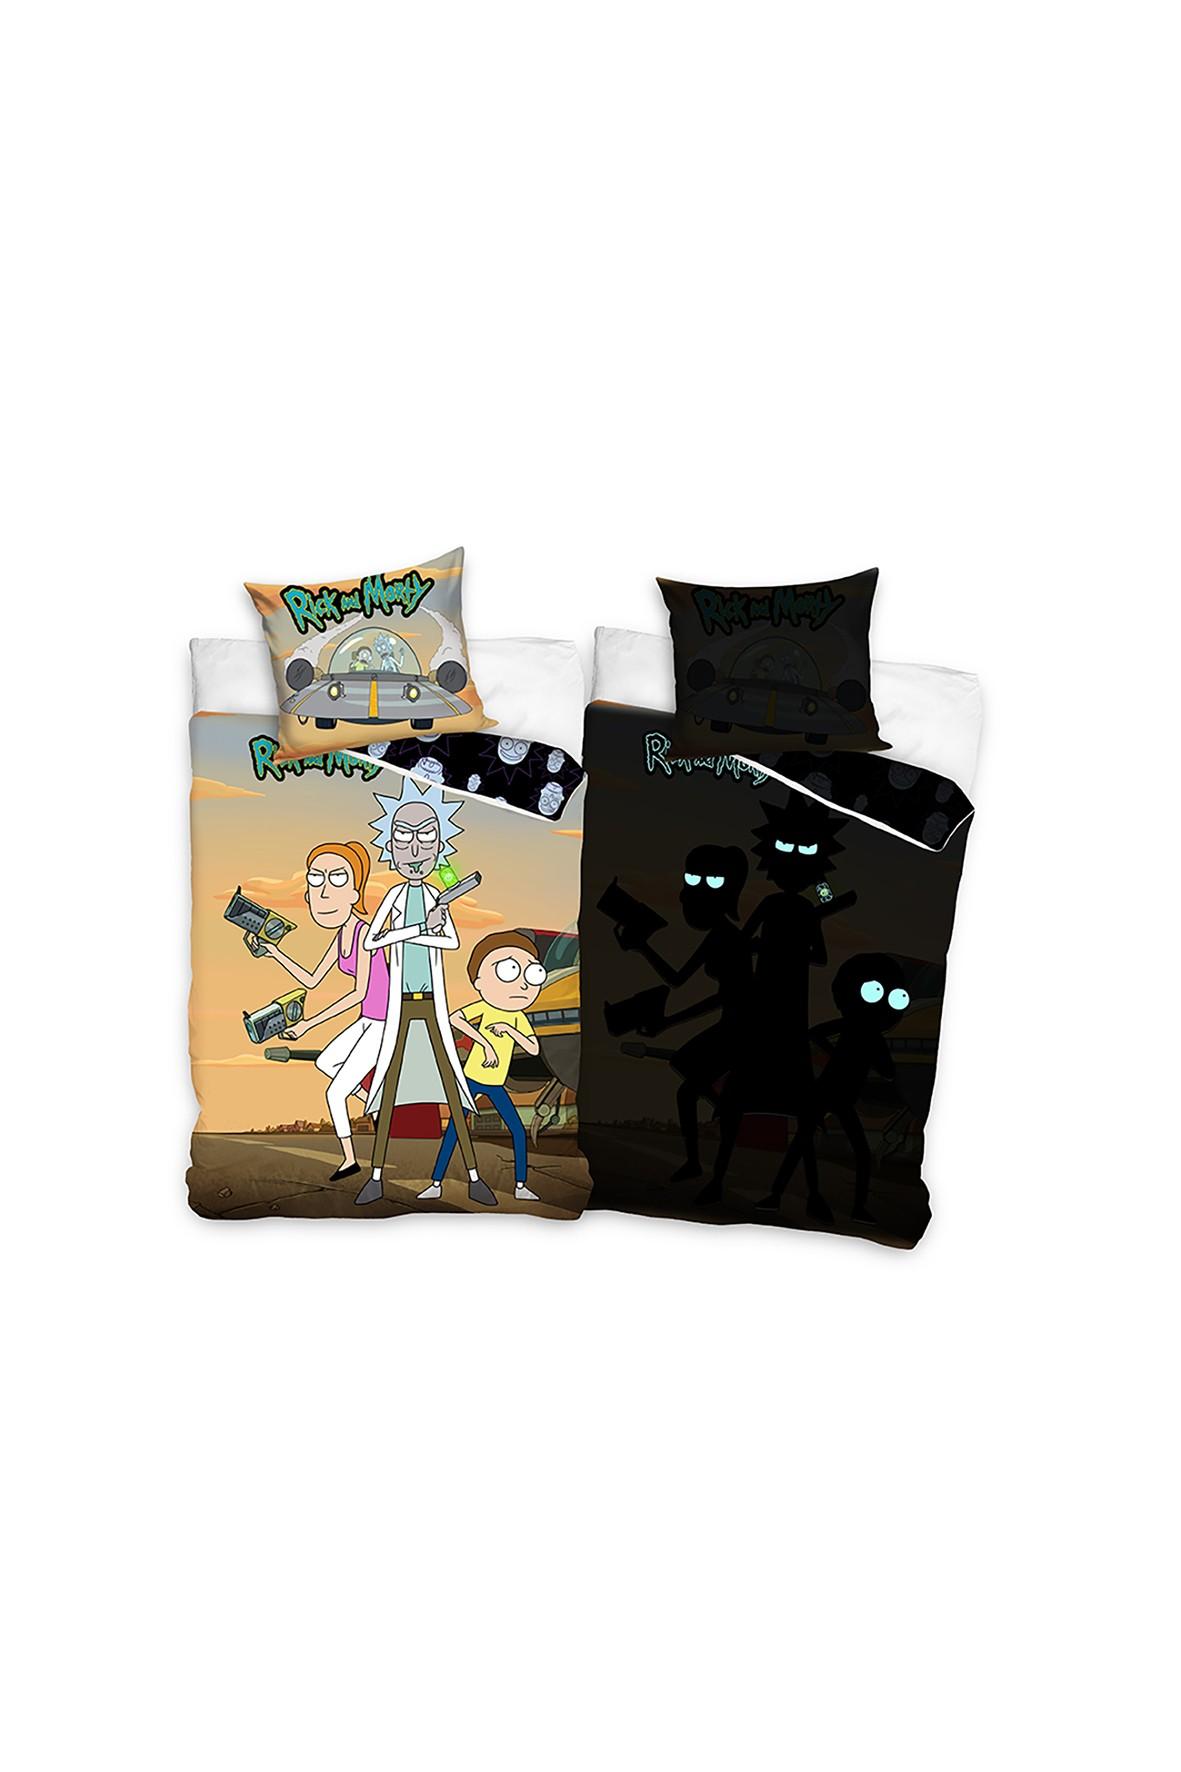 Komplet pościeli bawełnianej Rick and Morty 140x200+70x90 cm